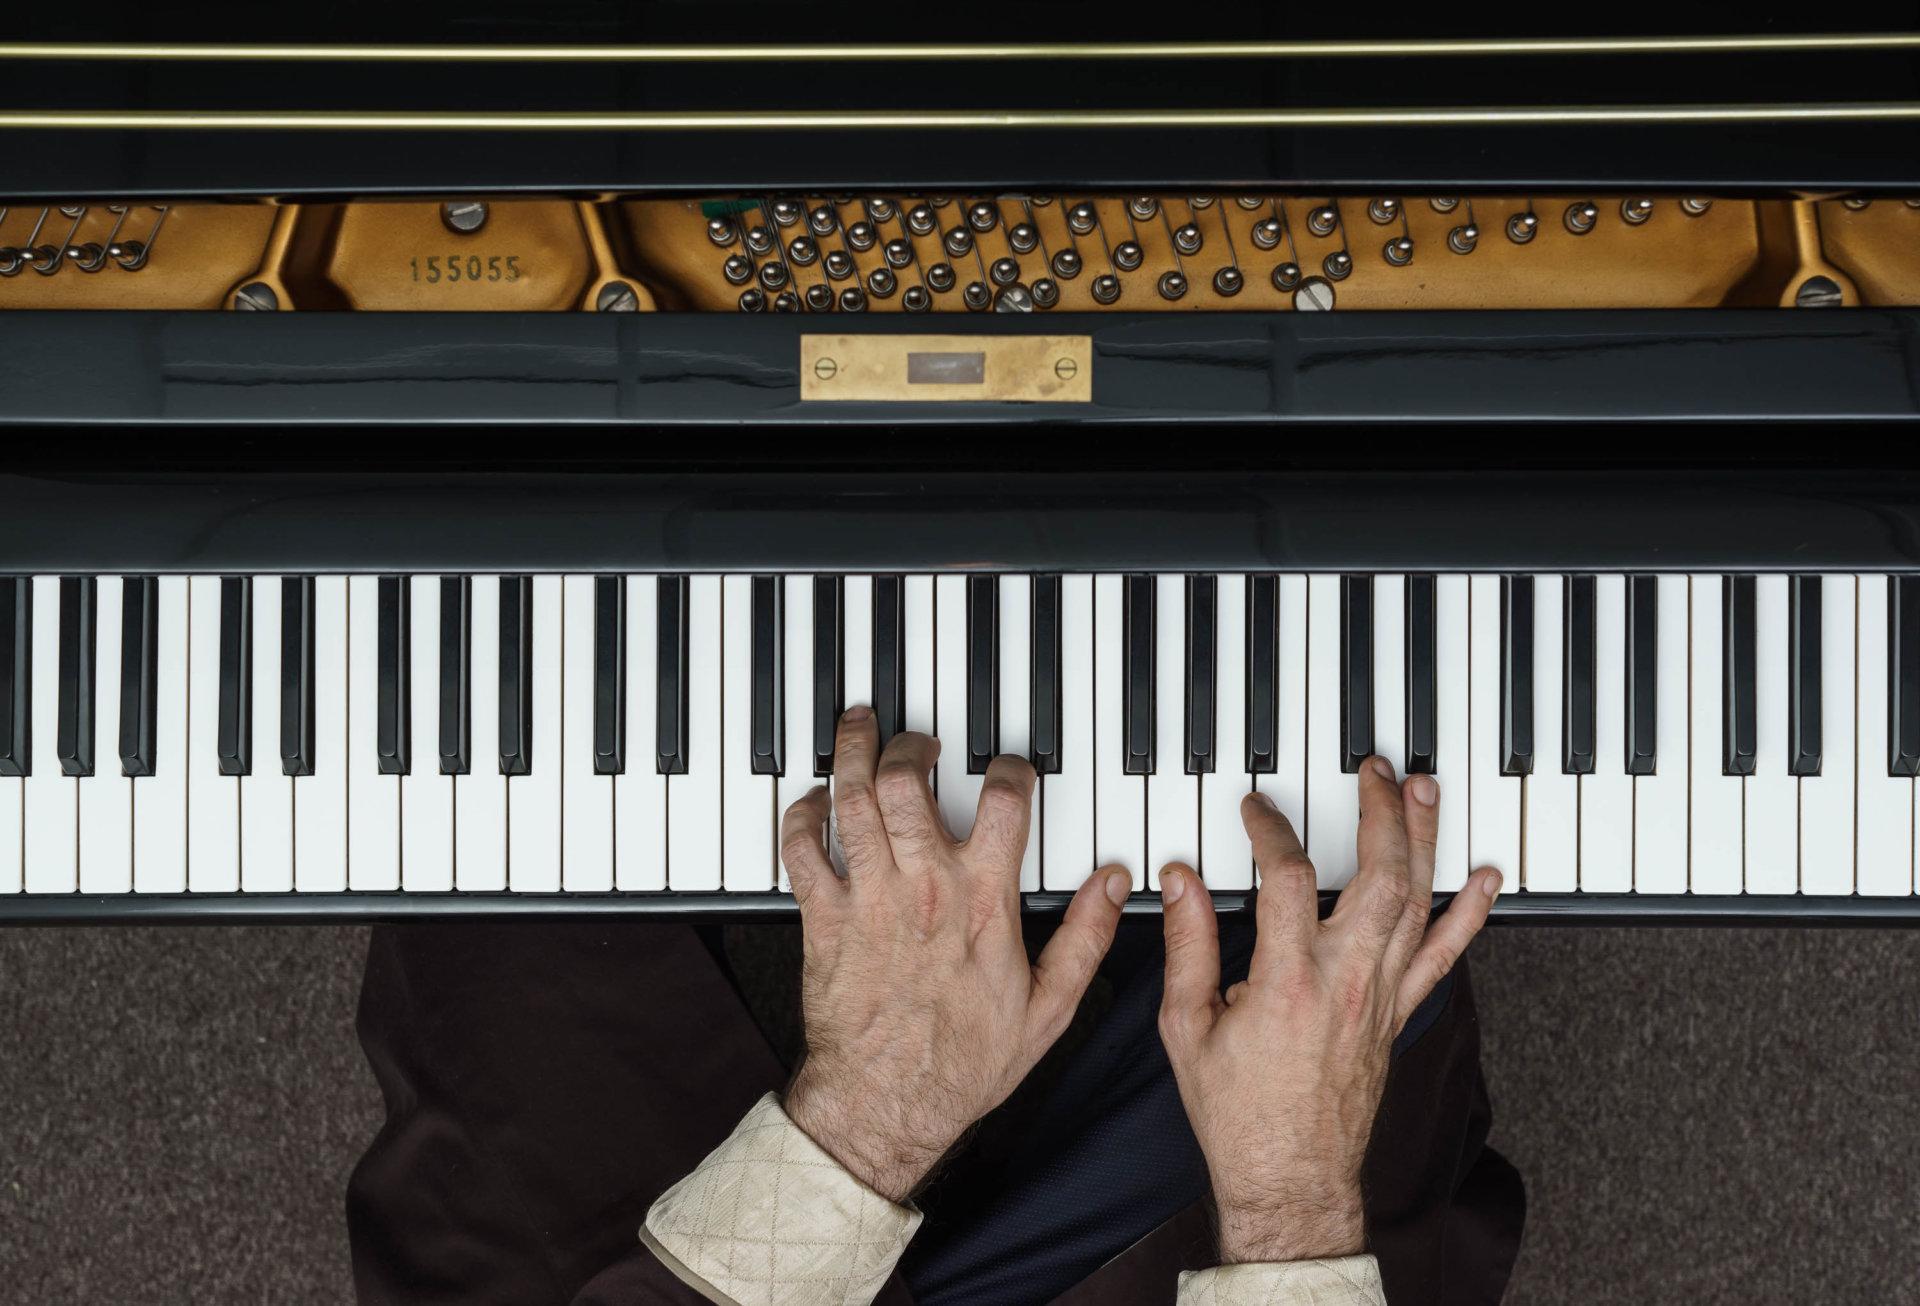 Gewandhaus, Hände, Pianist, Serie, chilly gonzales, klaviaturen, klavier, meisterfinger, piano